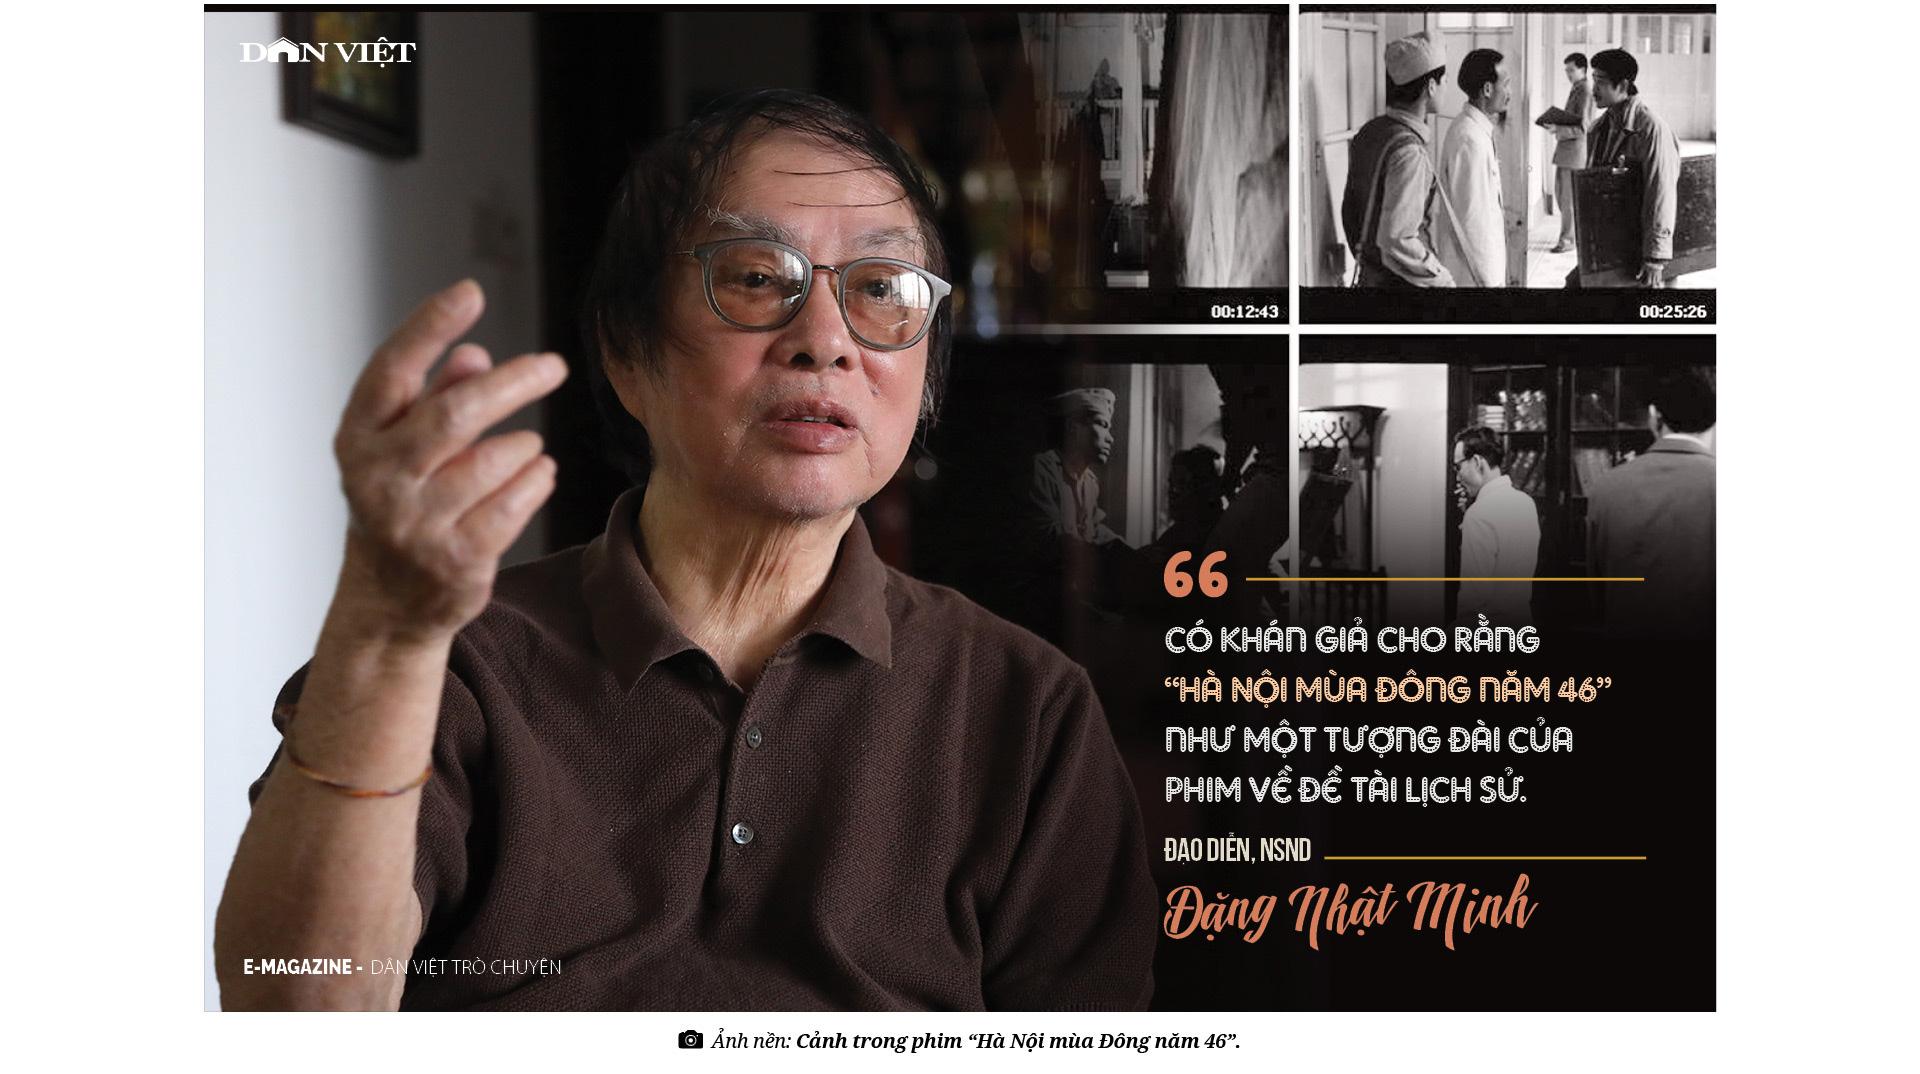 Đạo diễn NSND Đặng Nhật Minh - Những bộ phim có lửa - Ảnh 6.